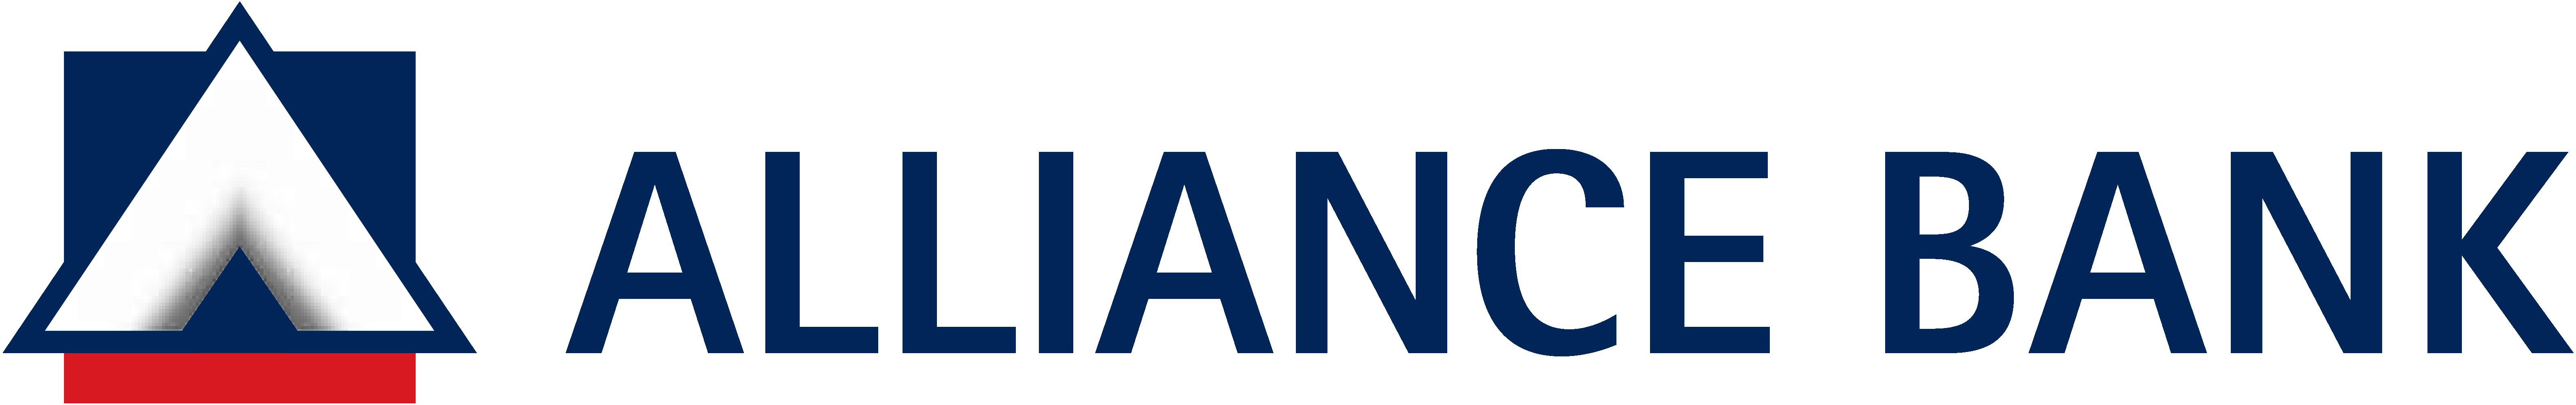 client_alliance-bank